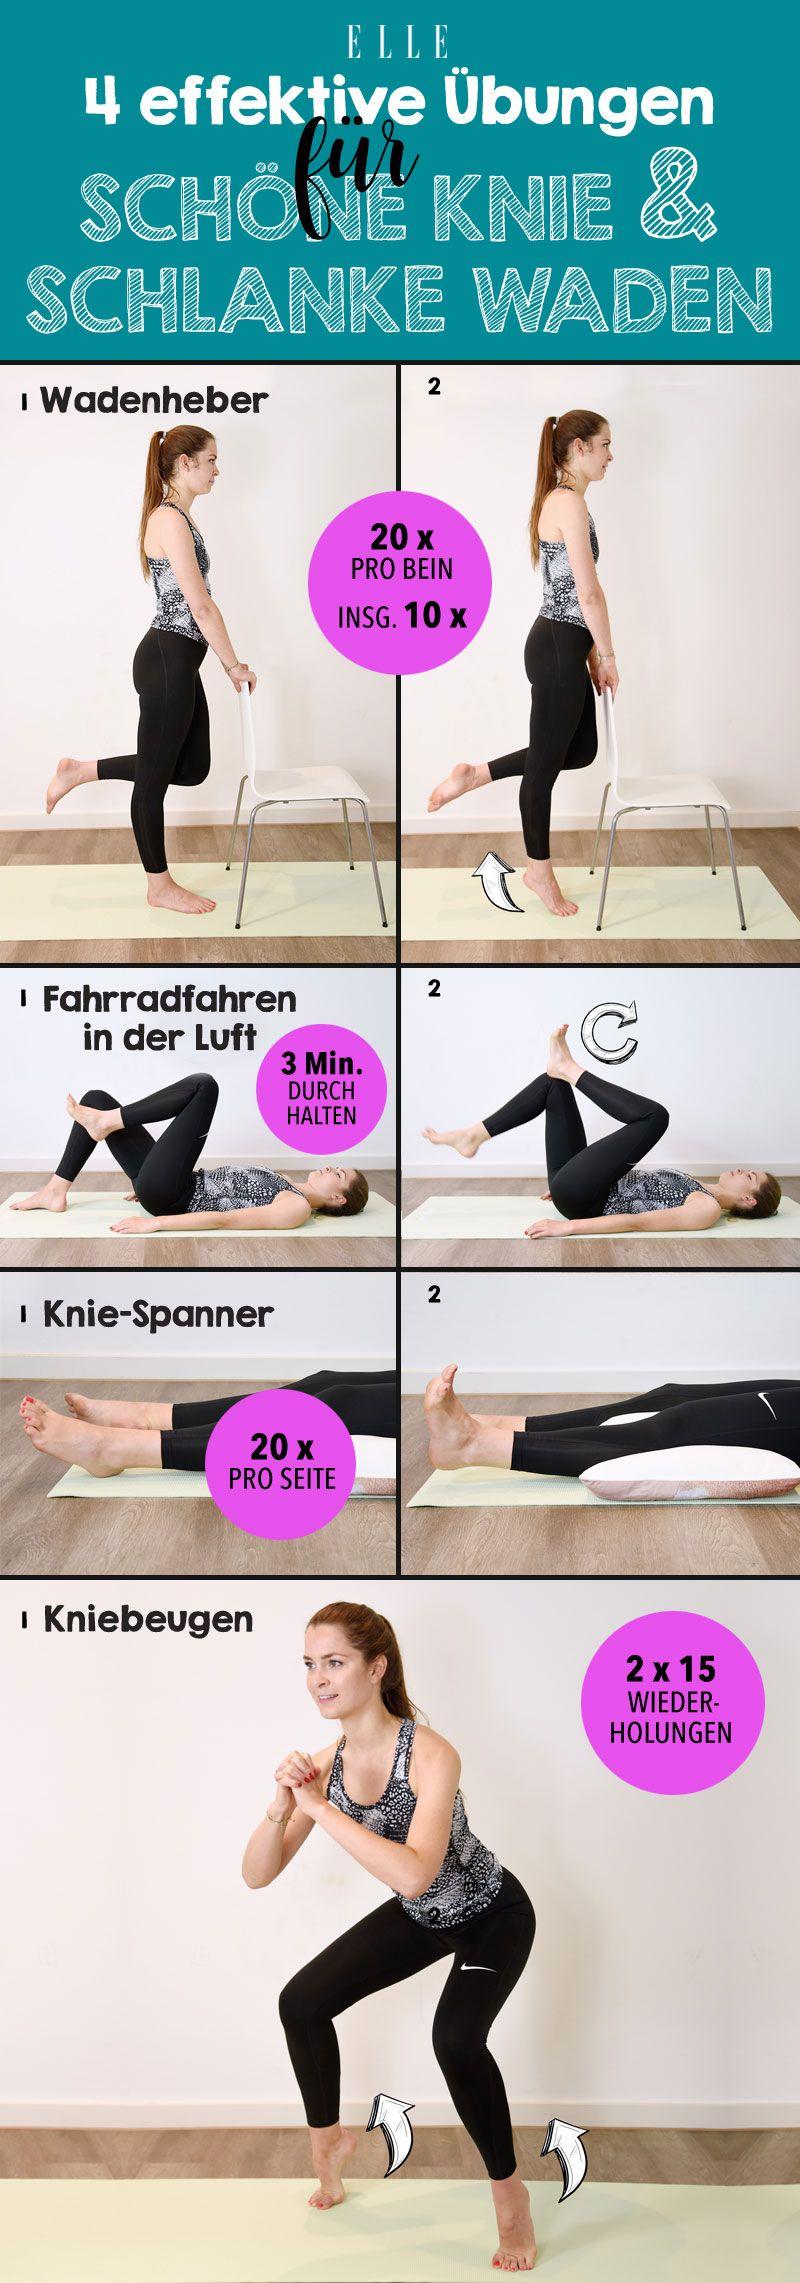 Diese Übungen sorgen für schöne Knie und schlanke Waden #stomachexercises